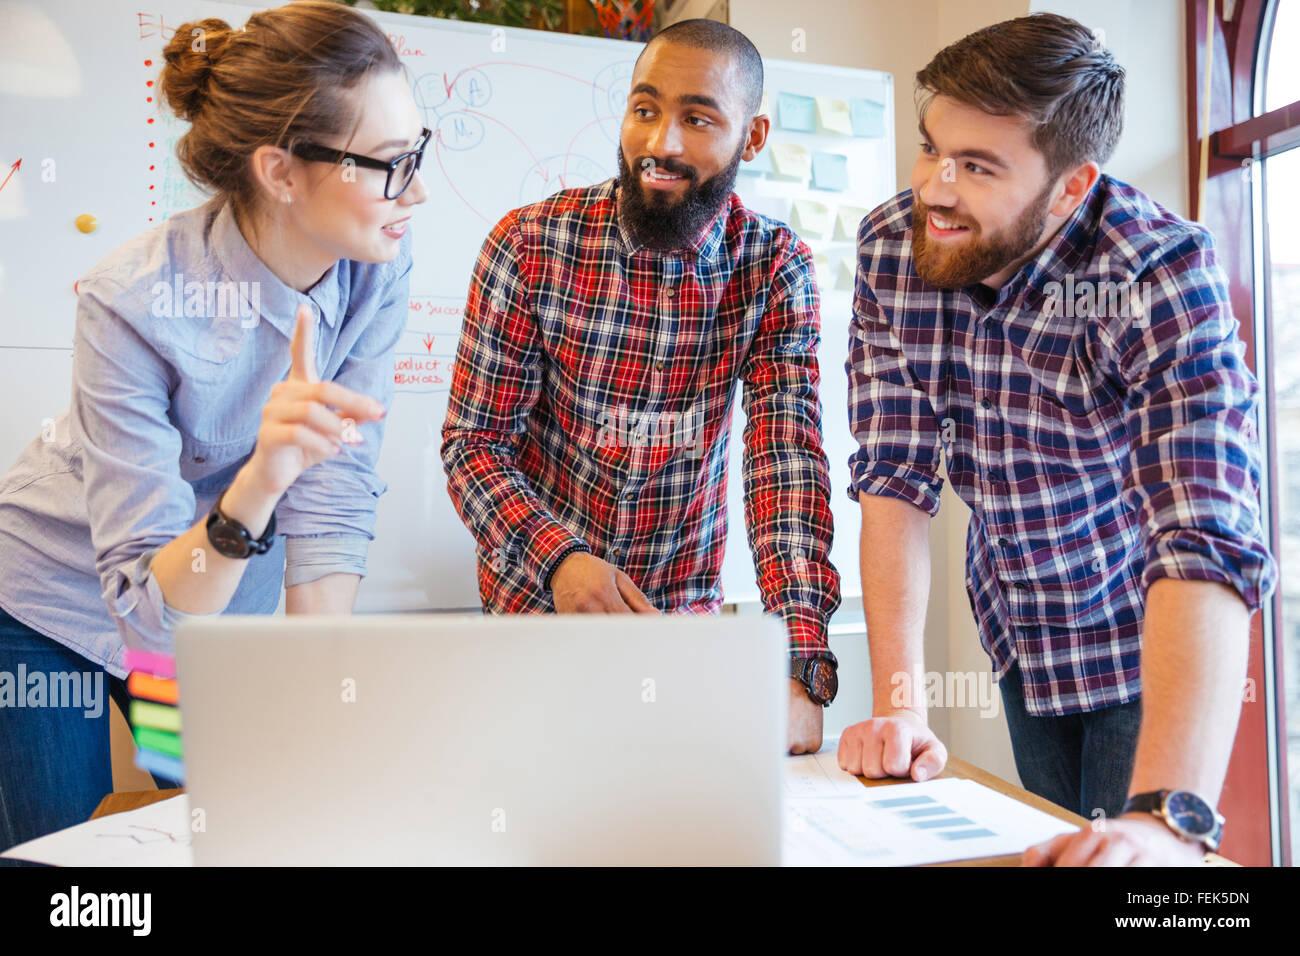 Multiethnische Gruppe von jungen Geschäftsleute arbeiten im Büro Stockbild